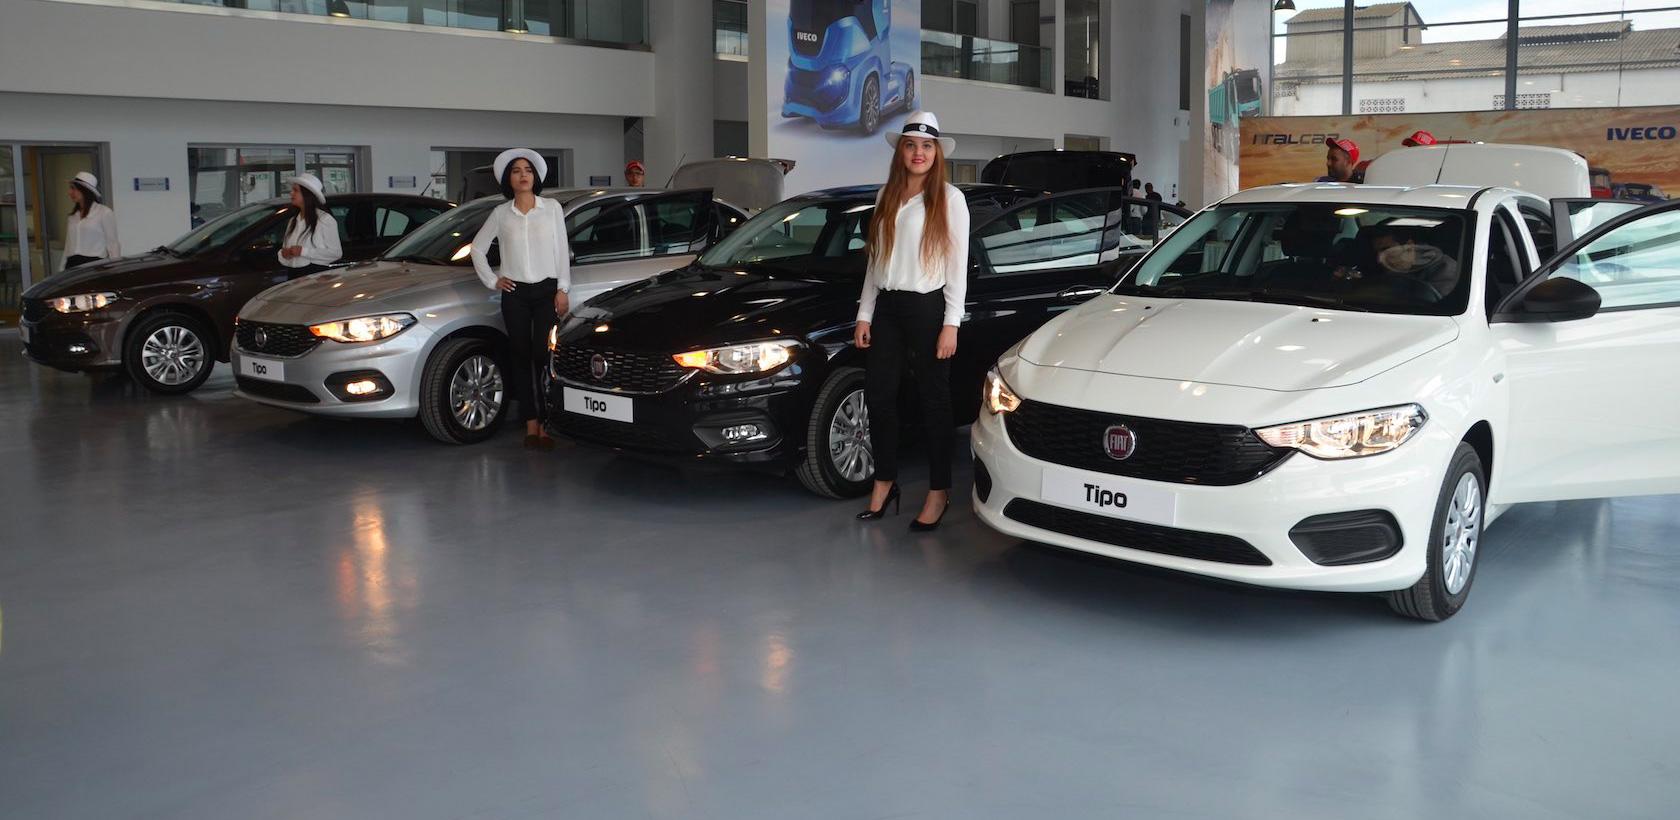 Italcar lance la nouvelle Fiat Tipo 4 portes